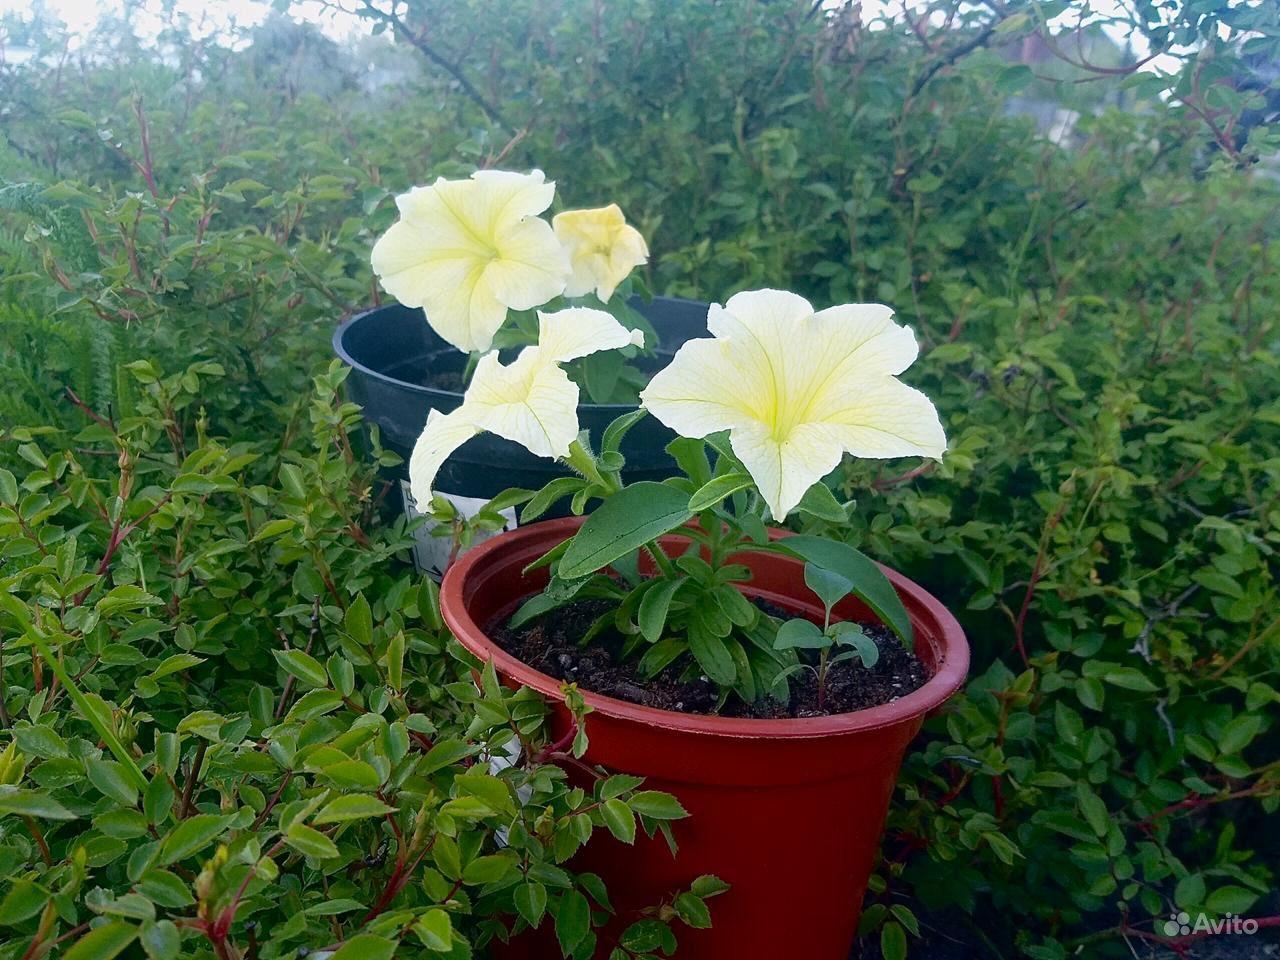 Рассада цветов вегетативная в горшках 0.8 л купить на Зозу.ру - фотография № 1